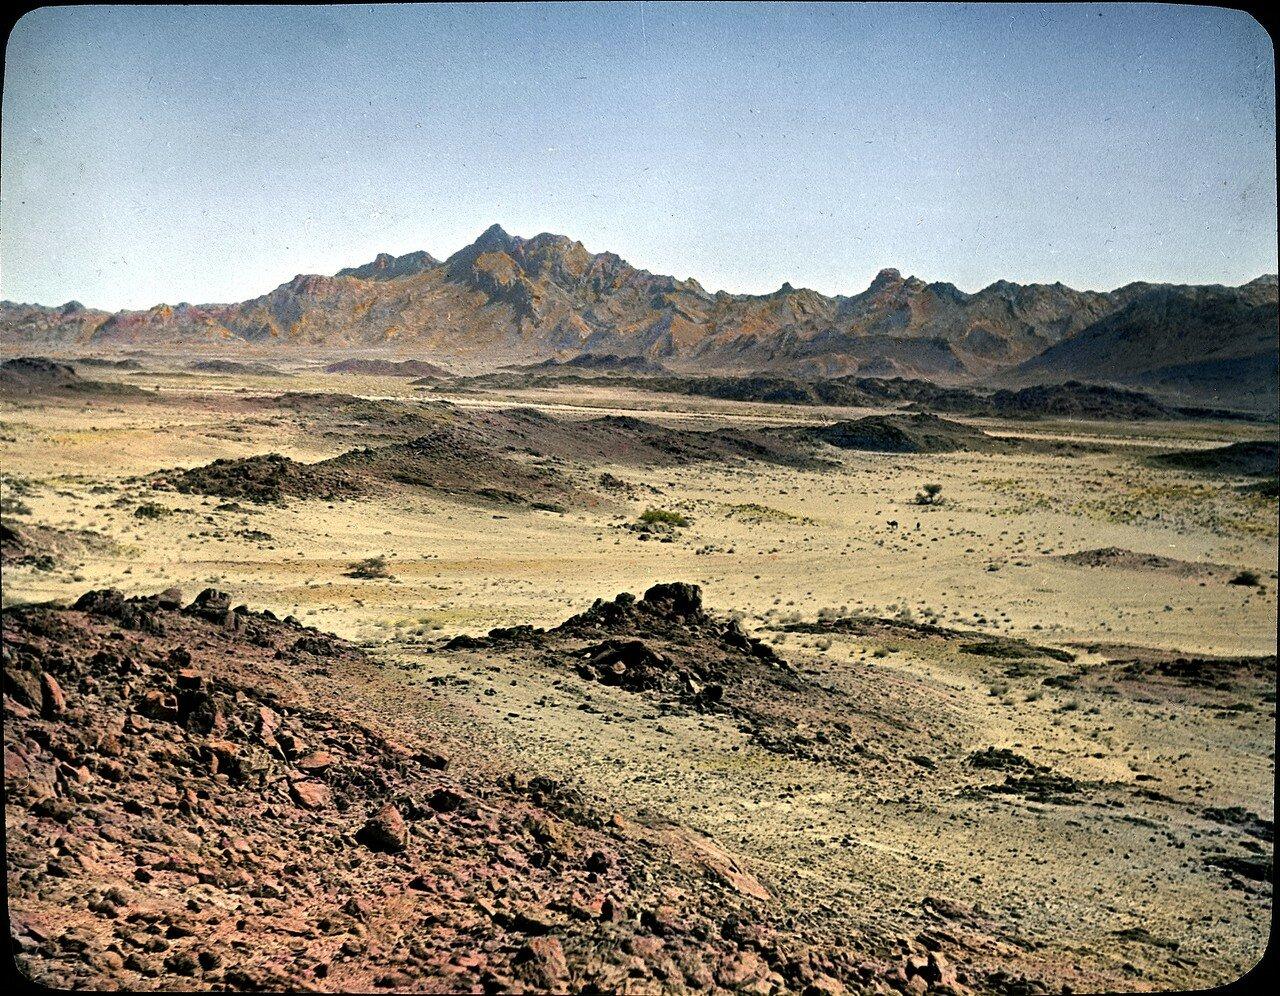 Алжир. Северо-восток Таманрассета. Автотрасса Хоггар. Гнейс, бесплодный горный пейзаж